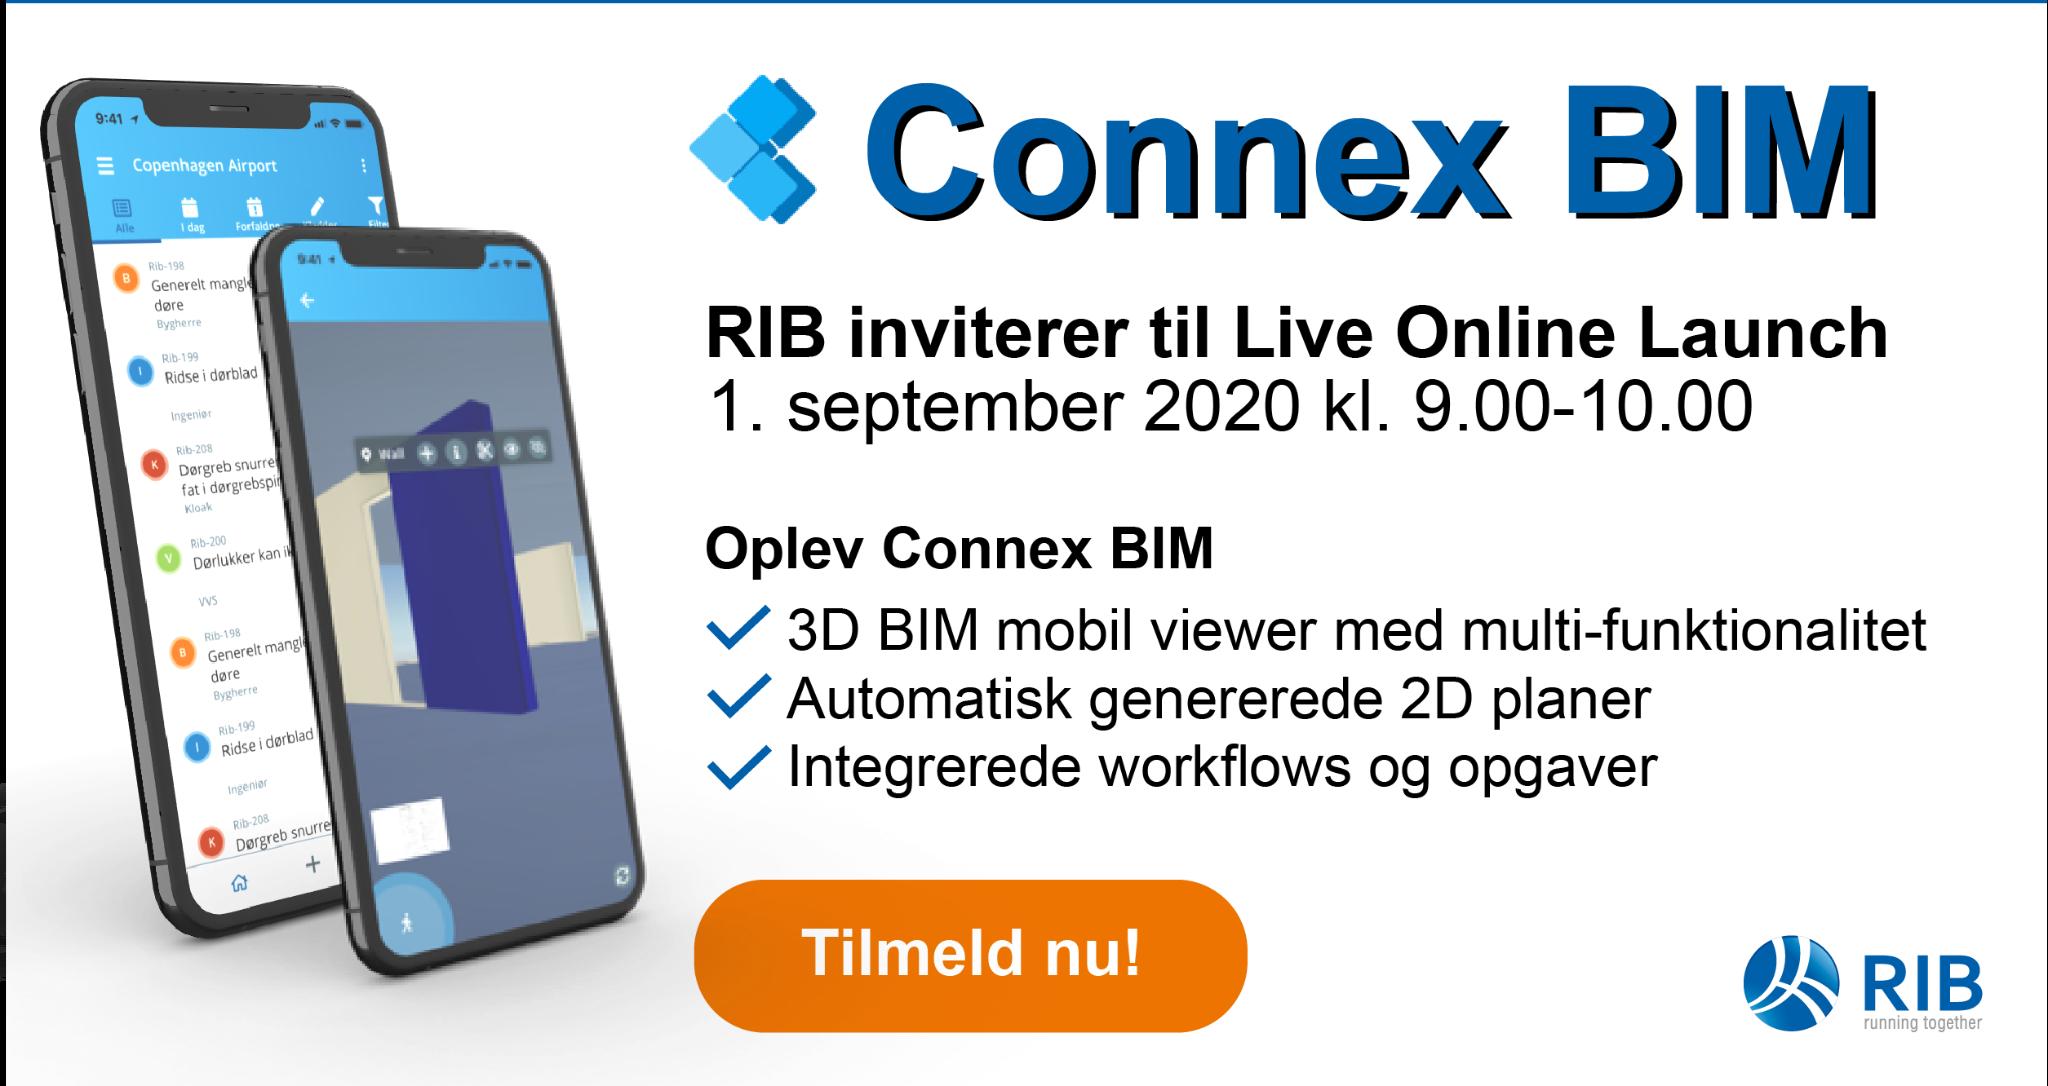 Invitation til Connex BIM - Live Online Launch